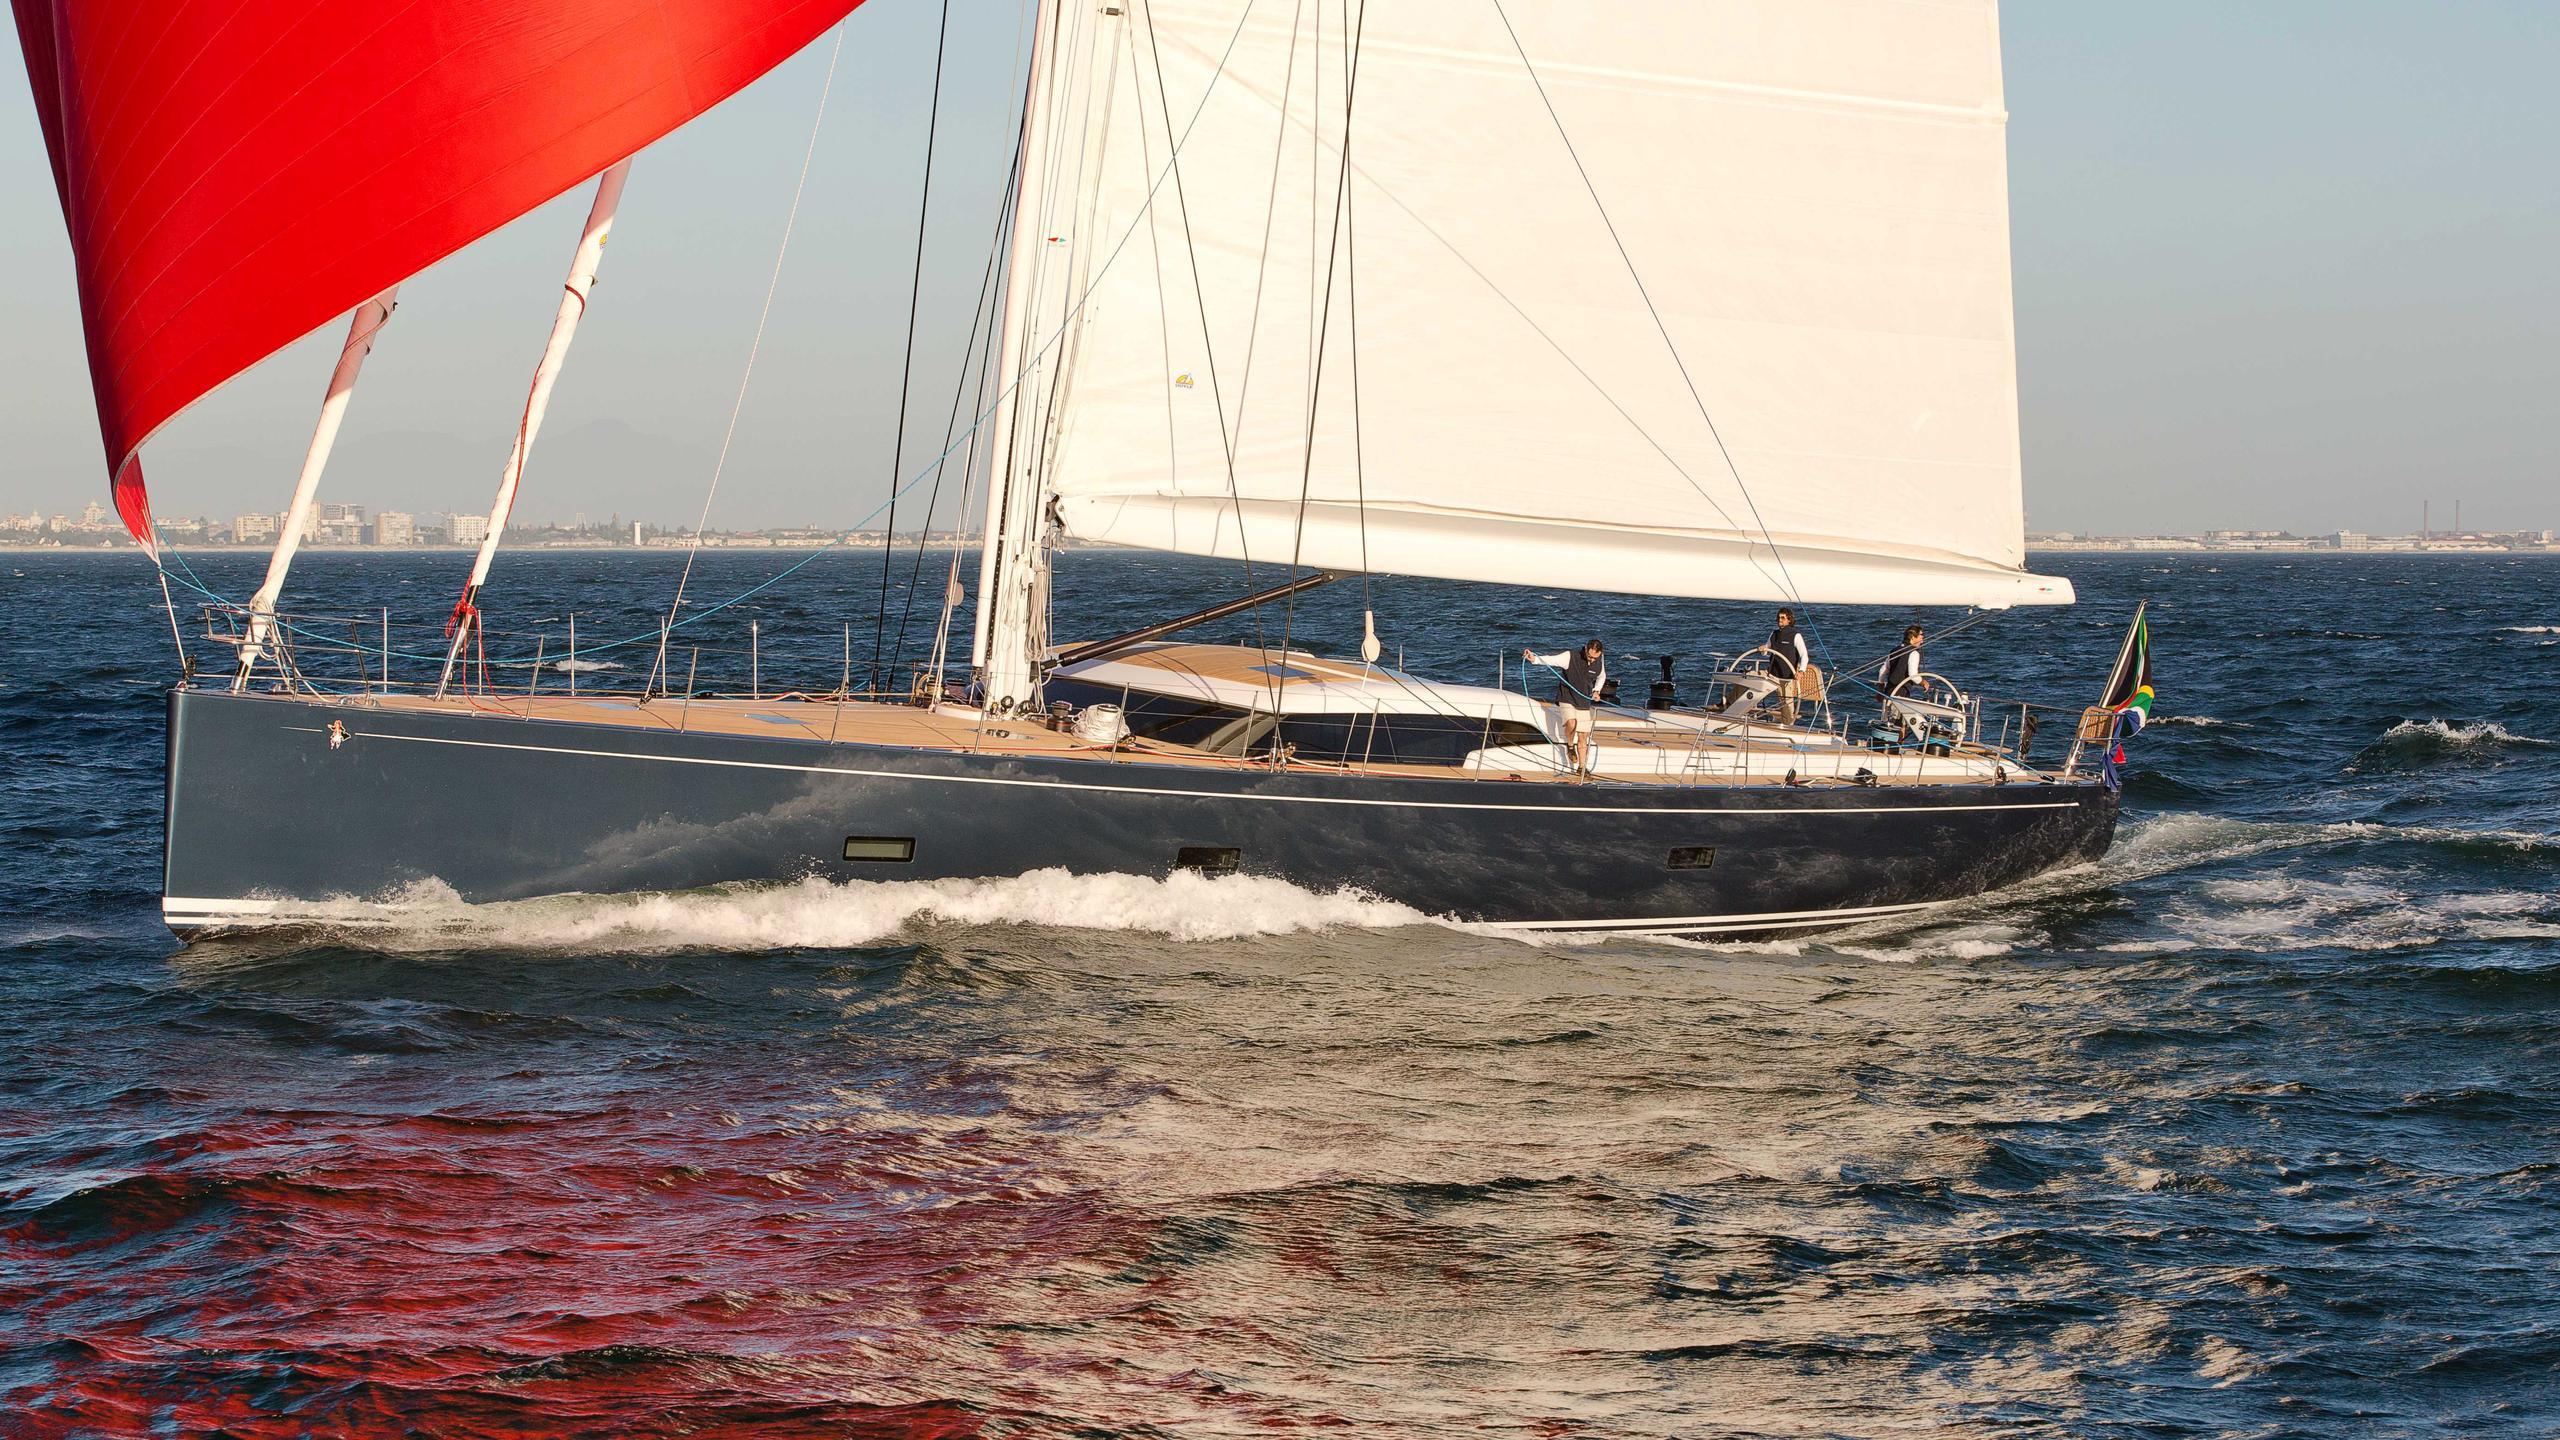 Hevea sailing yacht